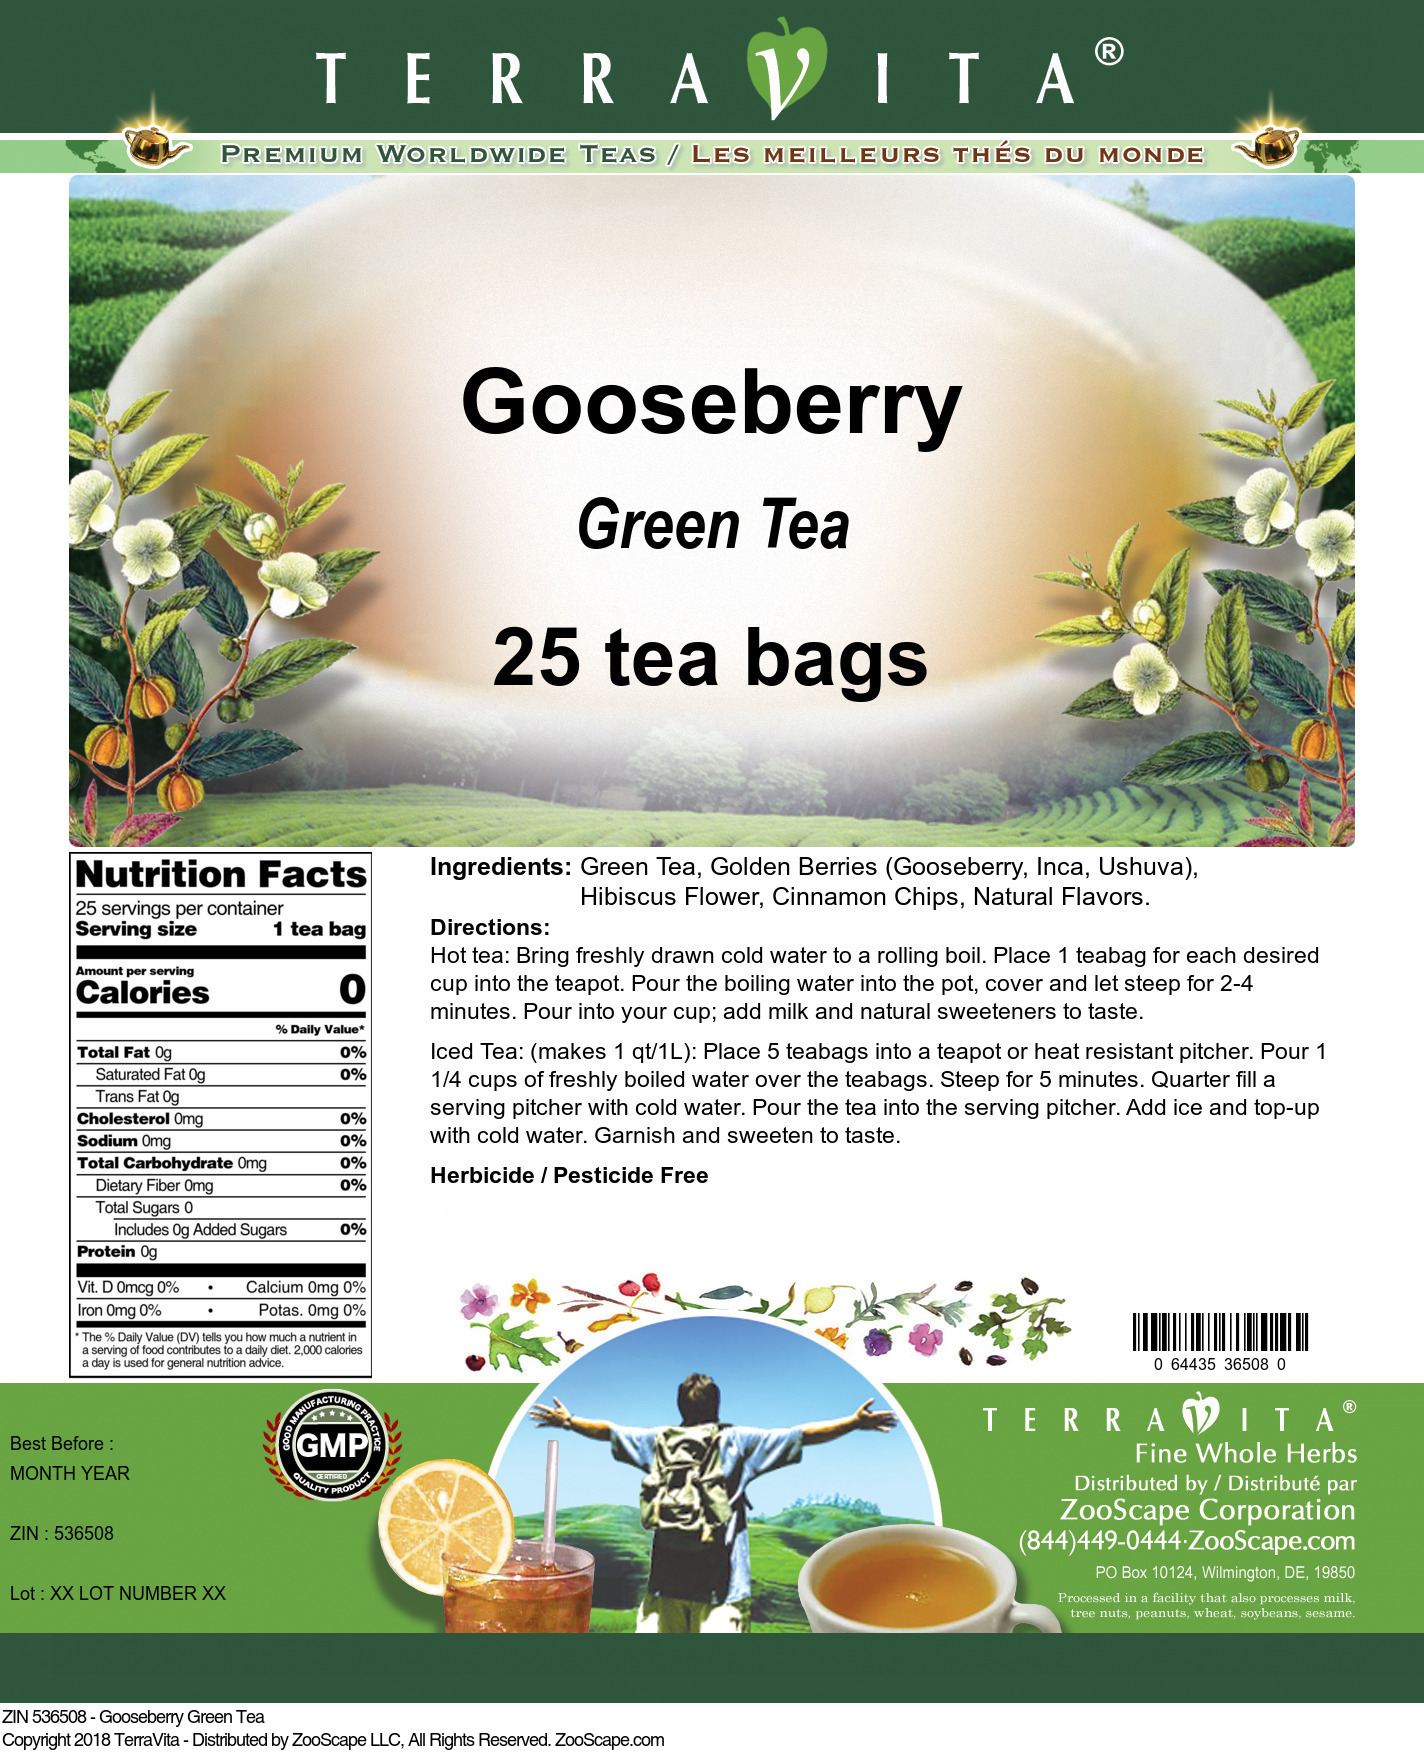 Gooseberry Green Tea